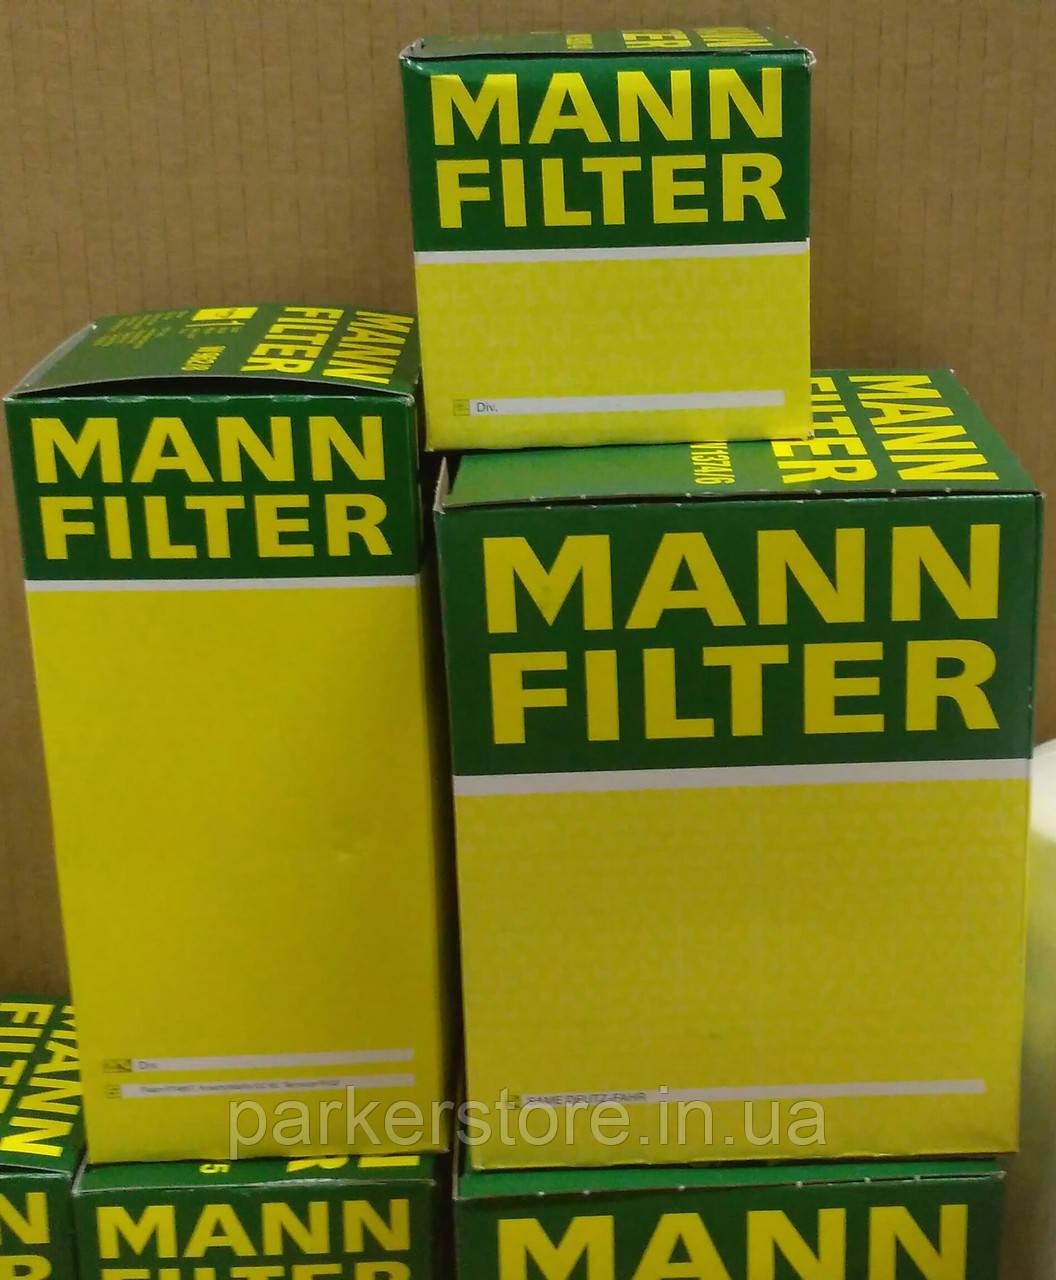 MANN FILTER / Воздушный фильтр / C 16 181 / C16181